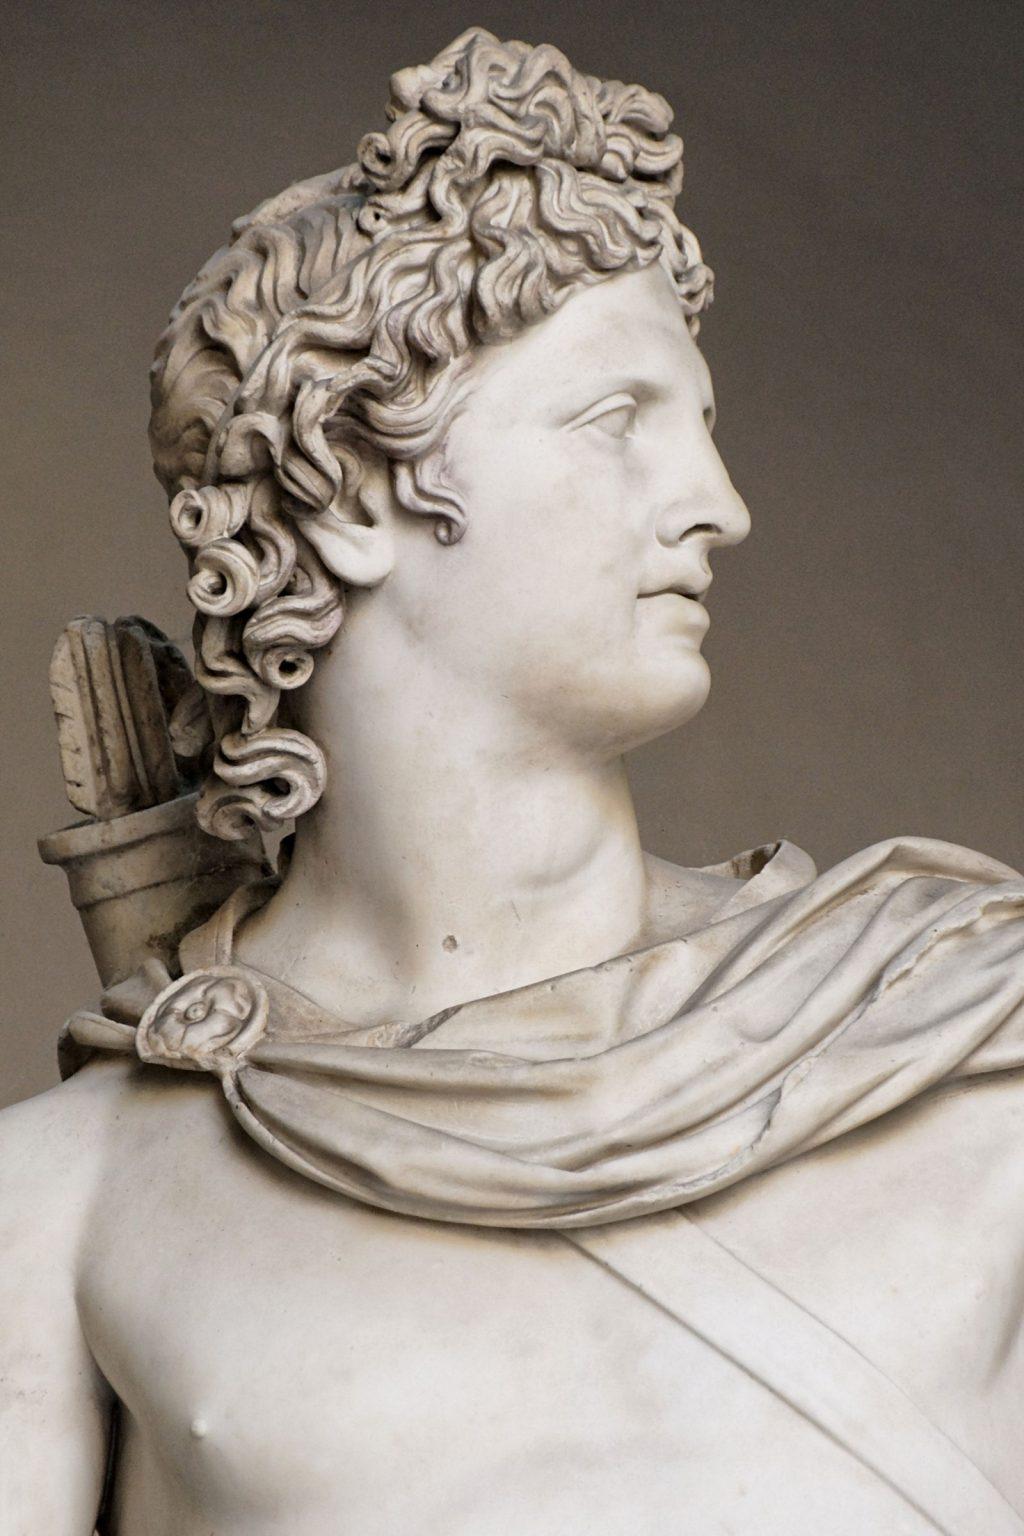 tóc mullet trên Tượng thần Mặt trời Apollo Belvedere vào khoảng năm 120–140 sau Công nguyên